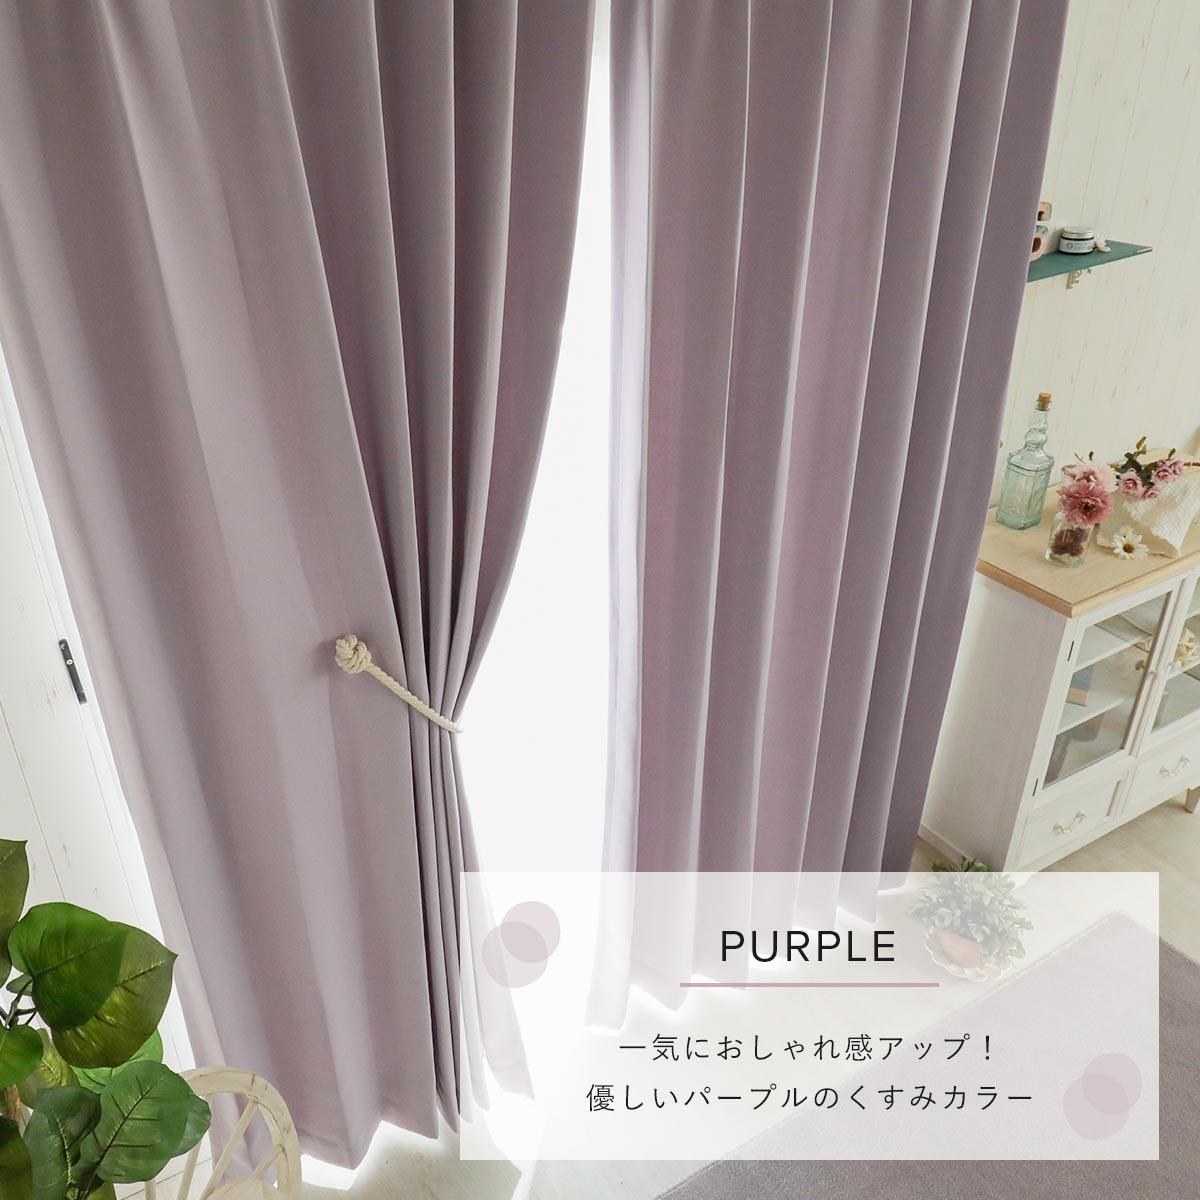 遮光・防音・遮熱・形状記憶加工。丈つめ無料の既製カーテン